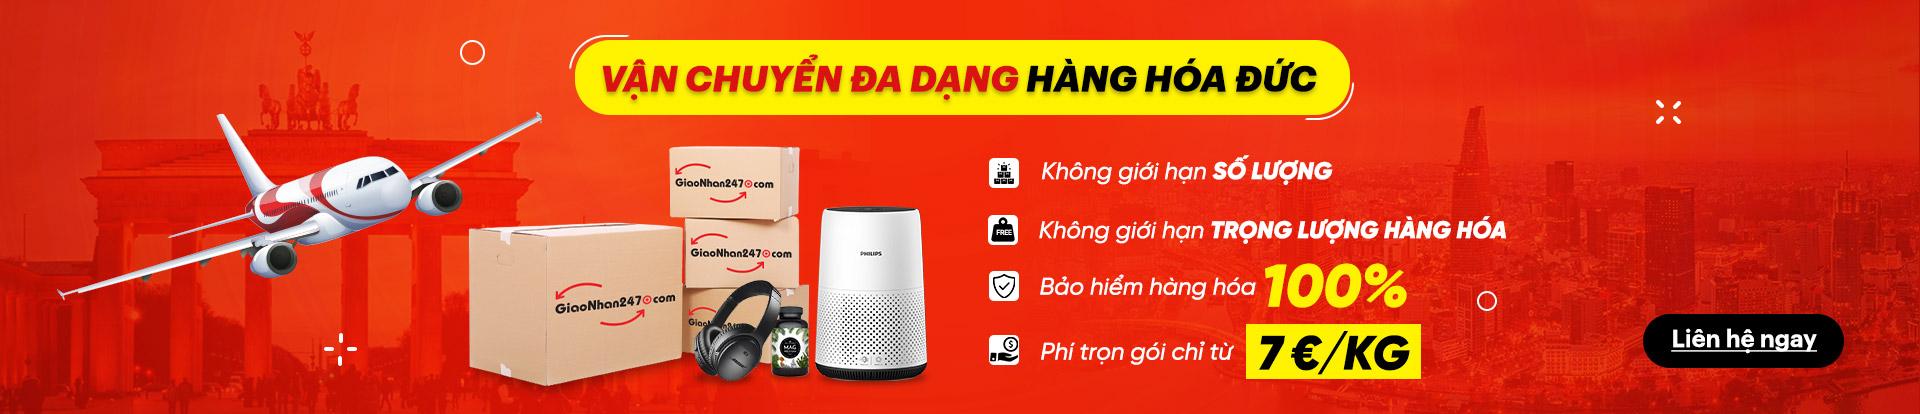 nhan-van-chuyen-da-dang-hang-hoa-duc